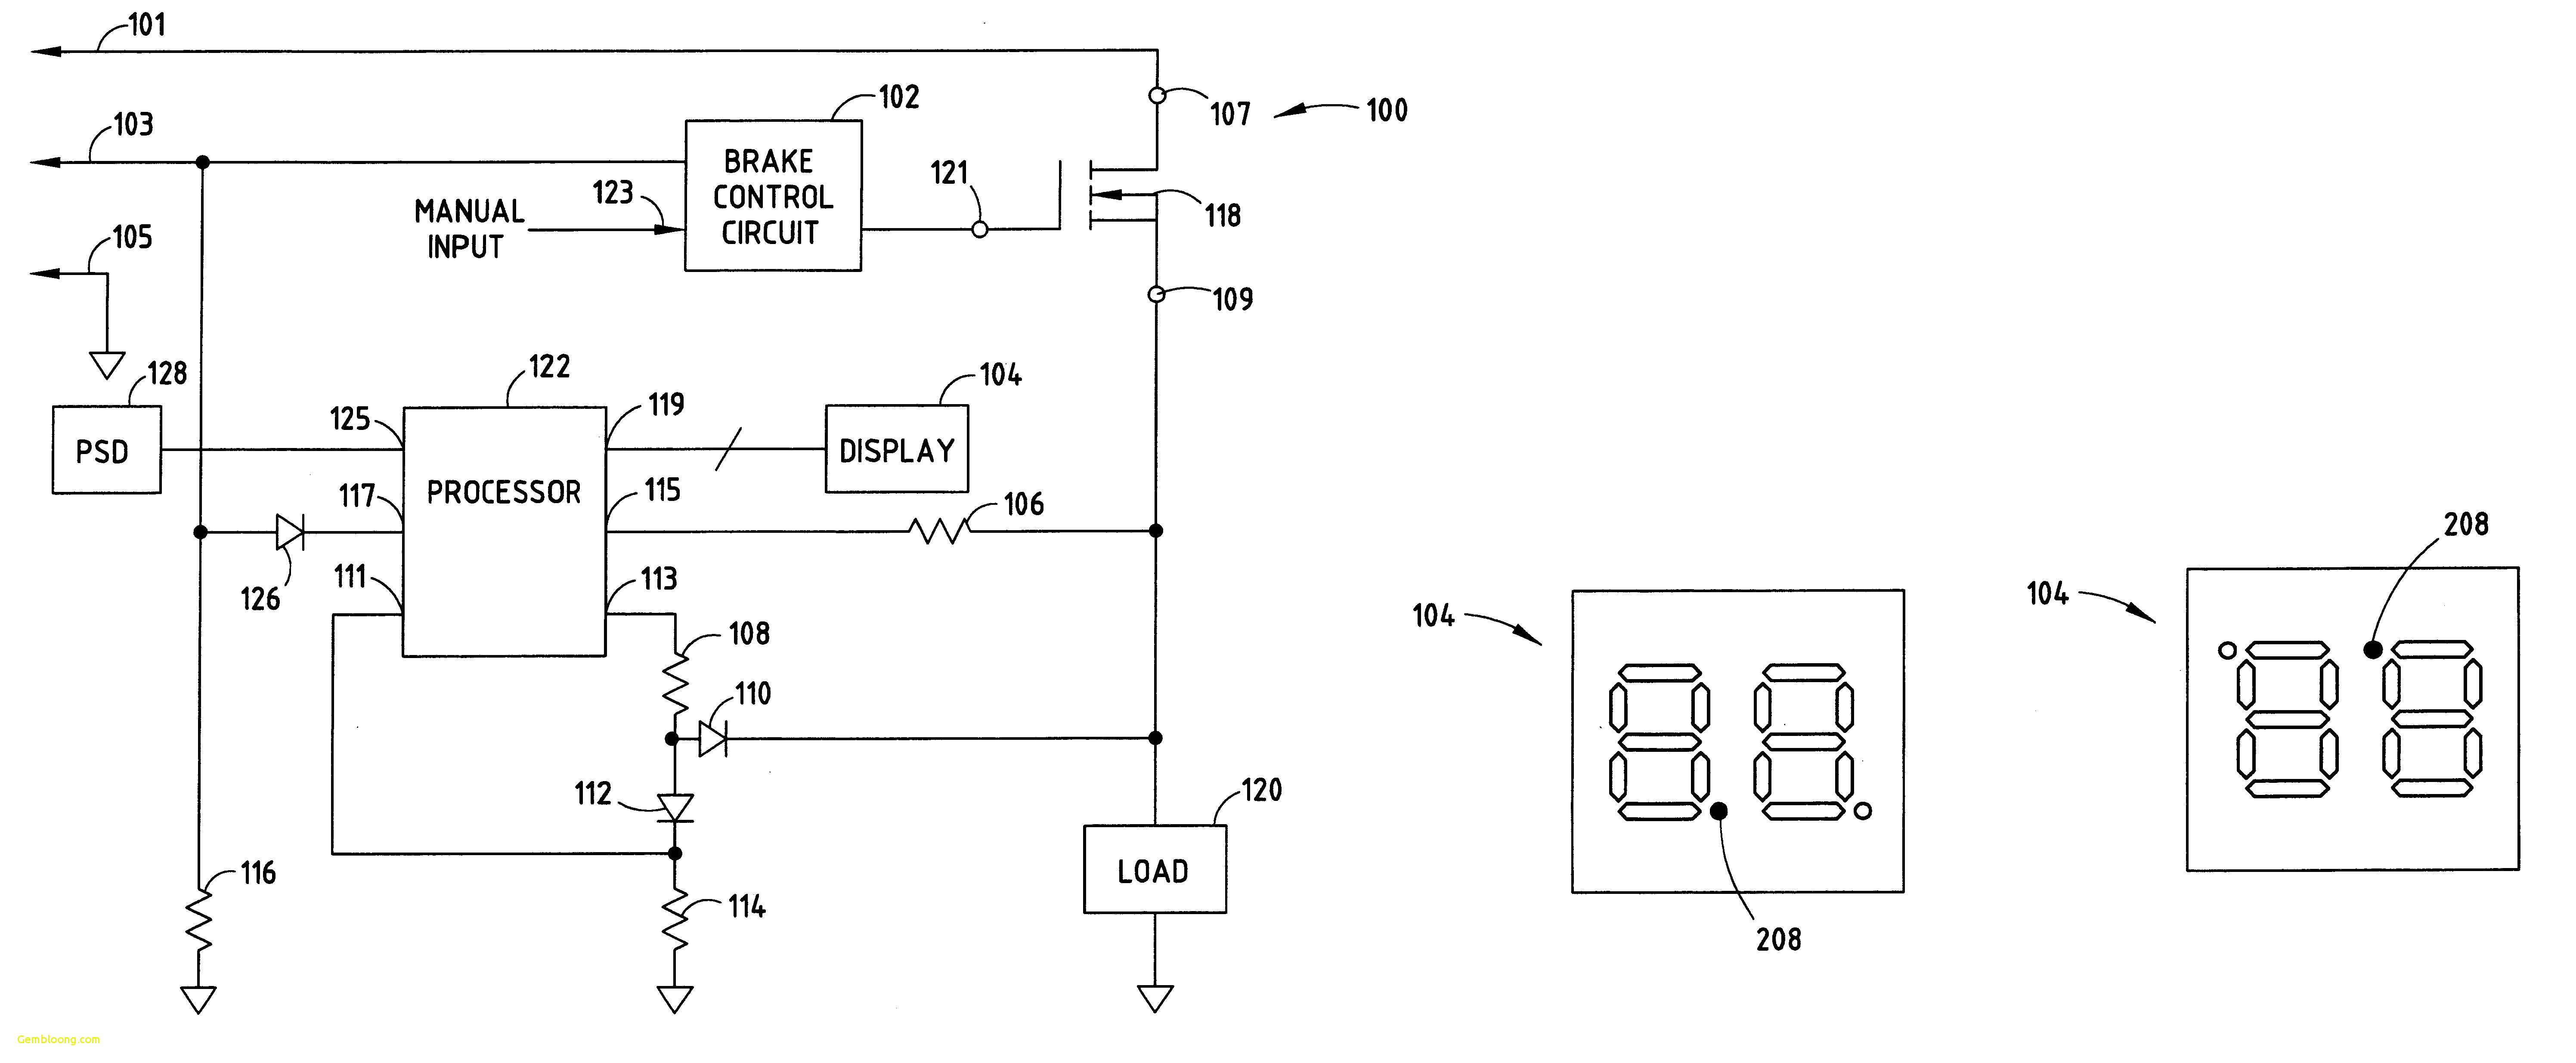 Tekonsha Trailer Brake Wiring Diagram   Wiring Diagram - Tekonsha Brake Controller Wiring Diagram